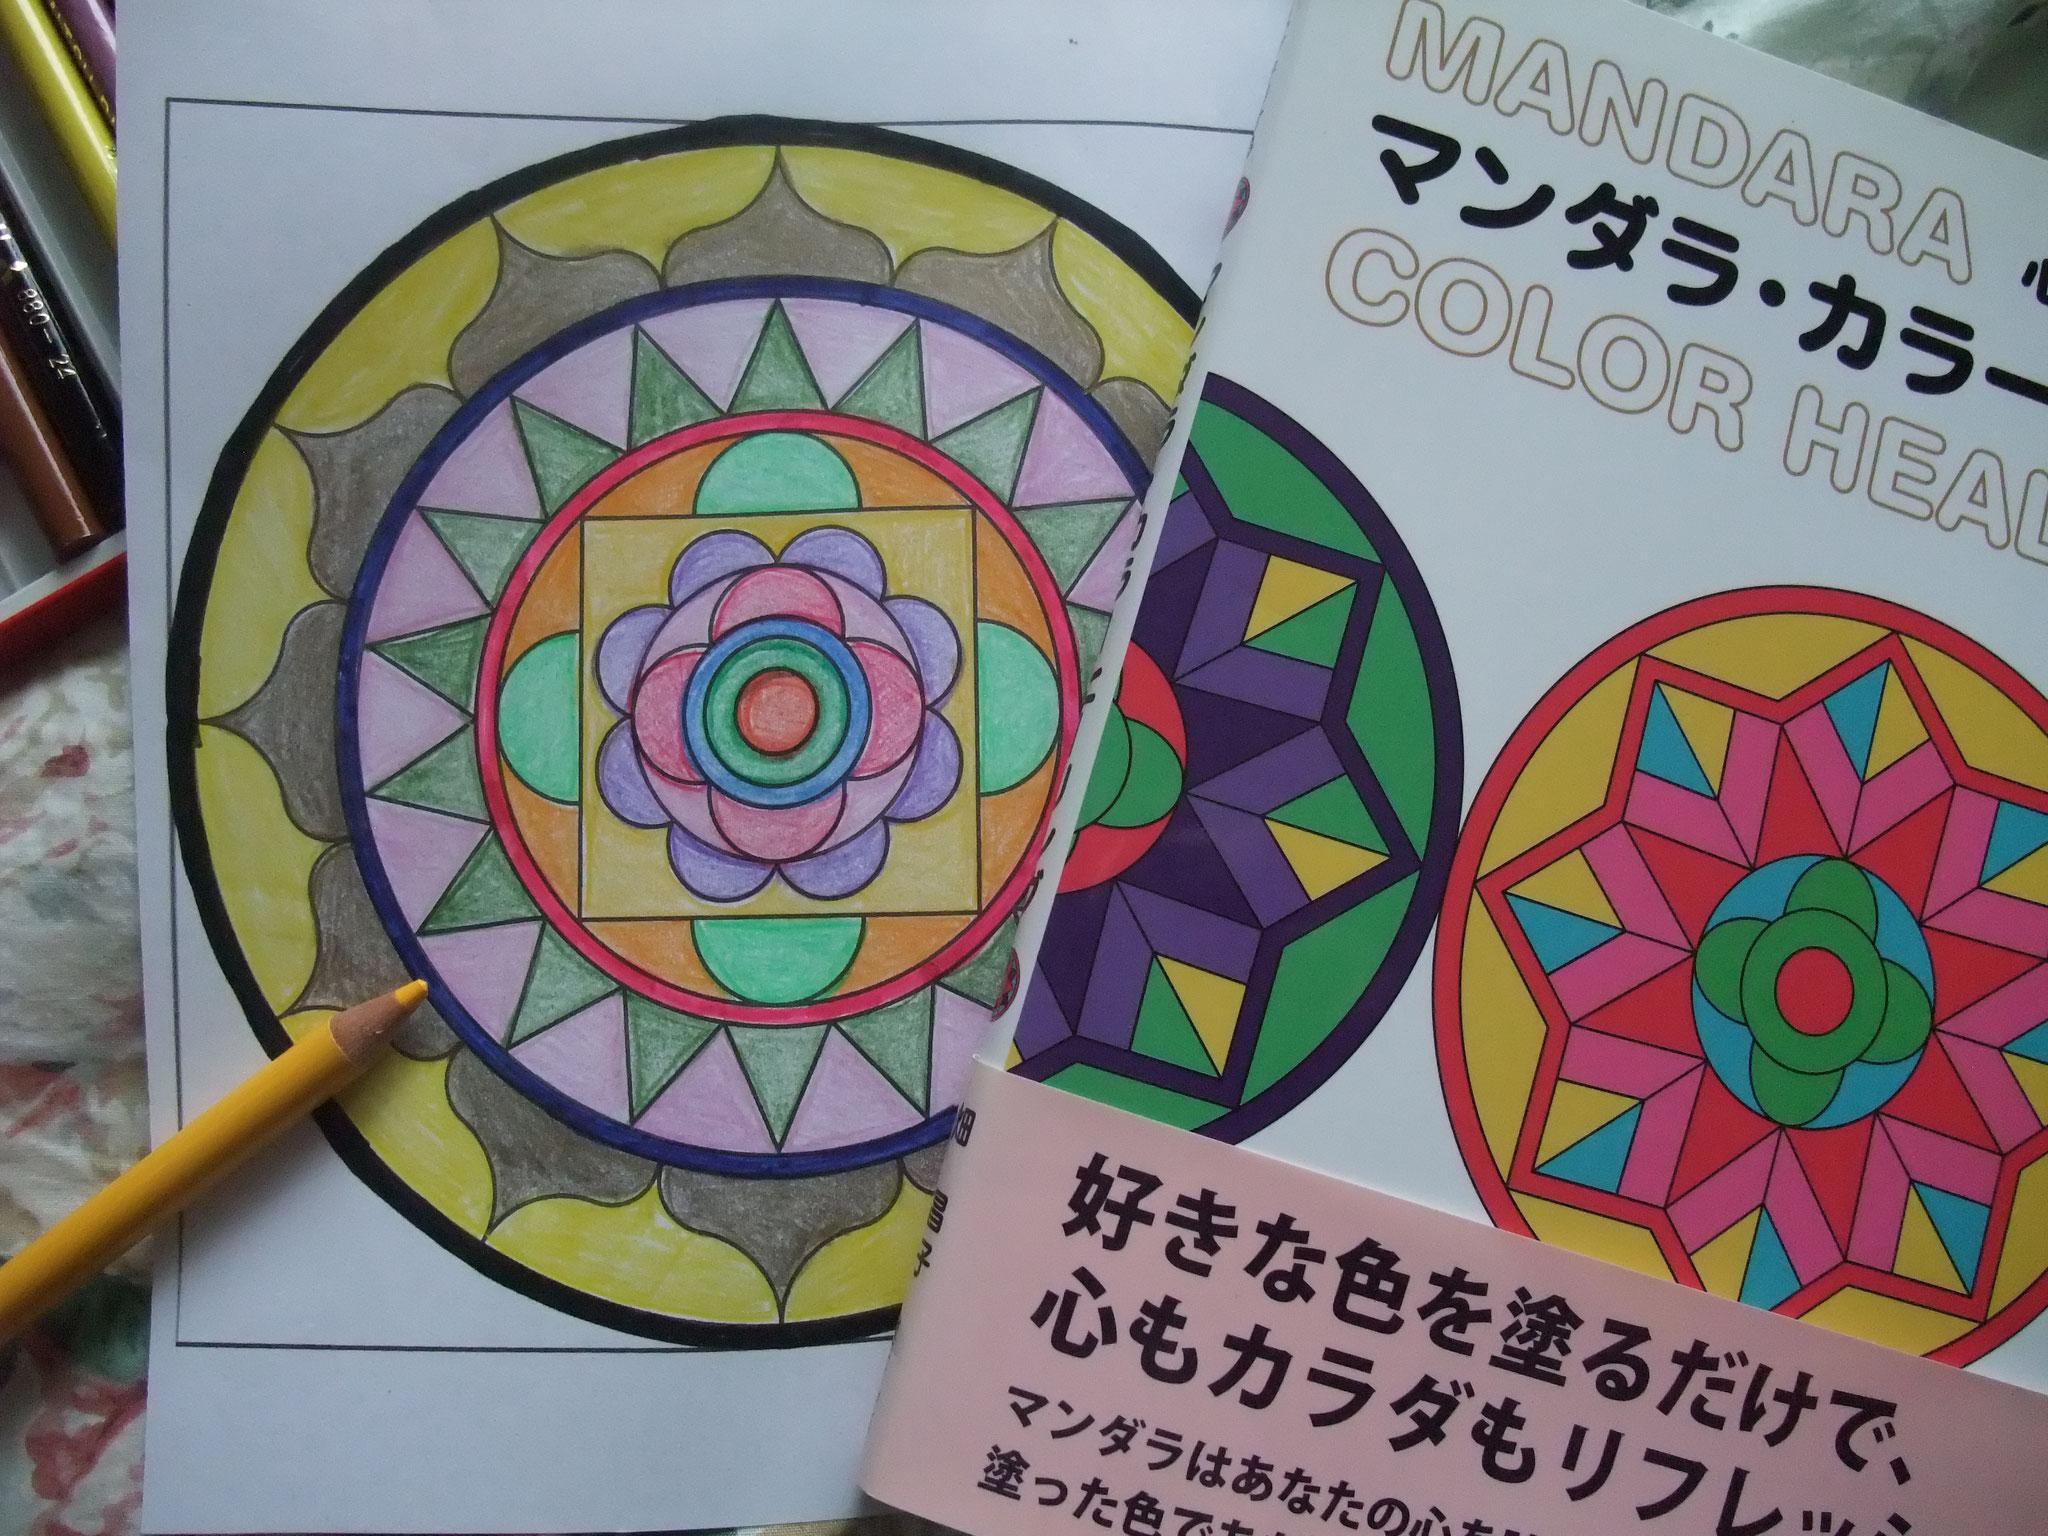 曼荼羅ぬり絵(カラーセラピー)